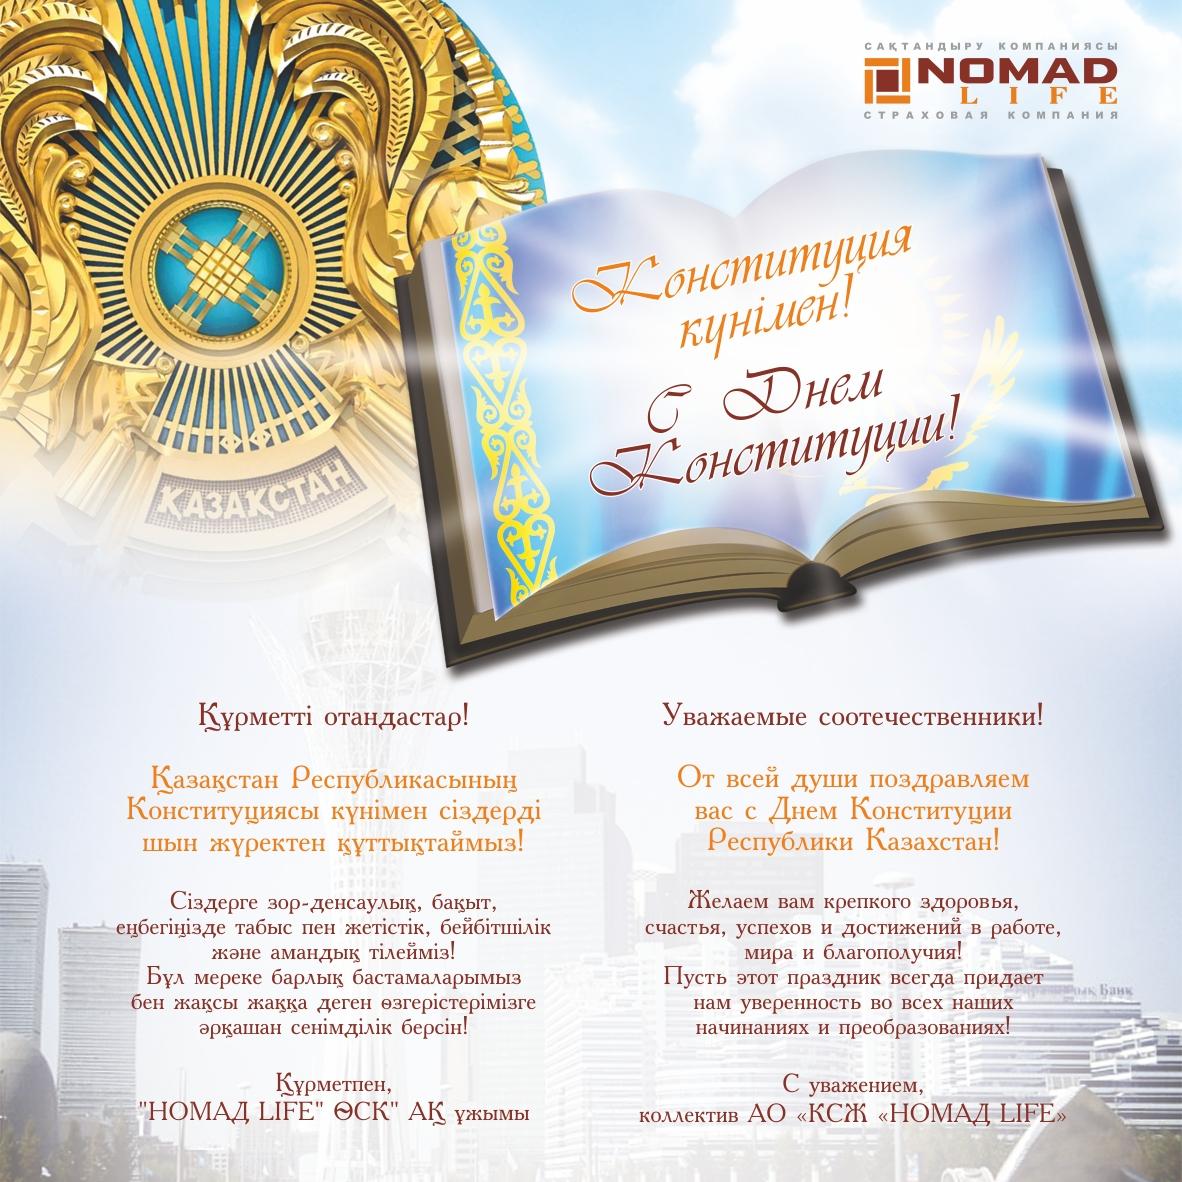 Поздравления с днем конституции казахстана открытки